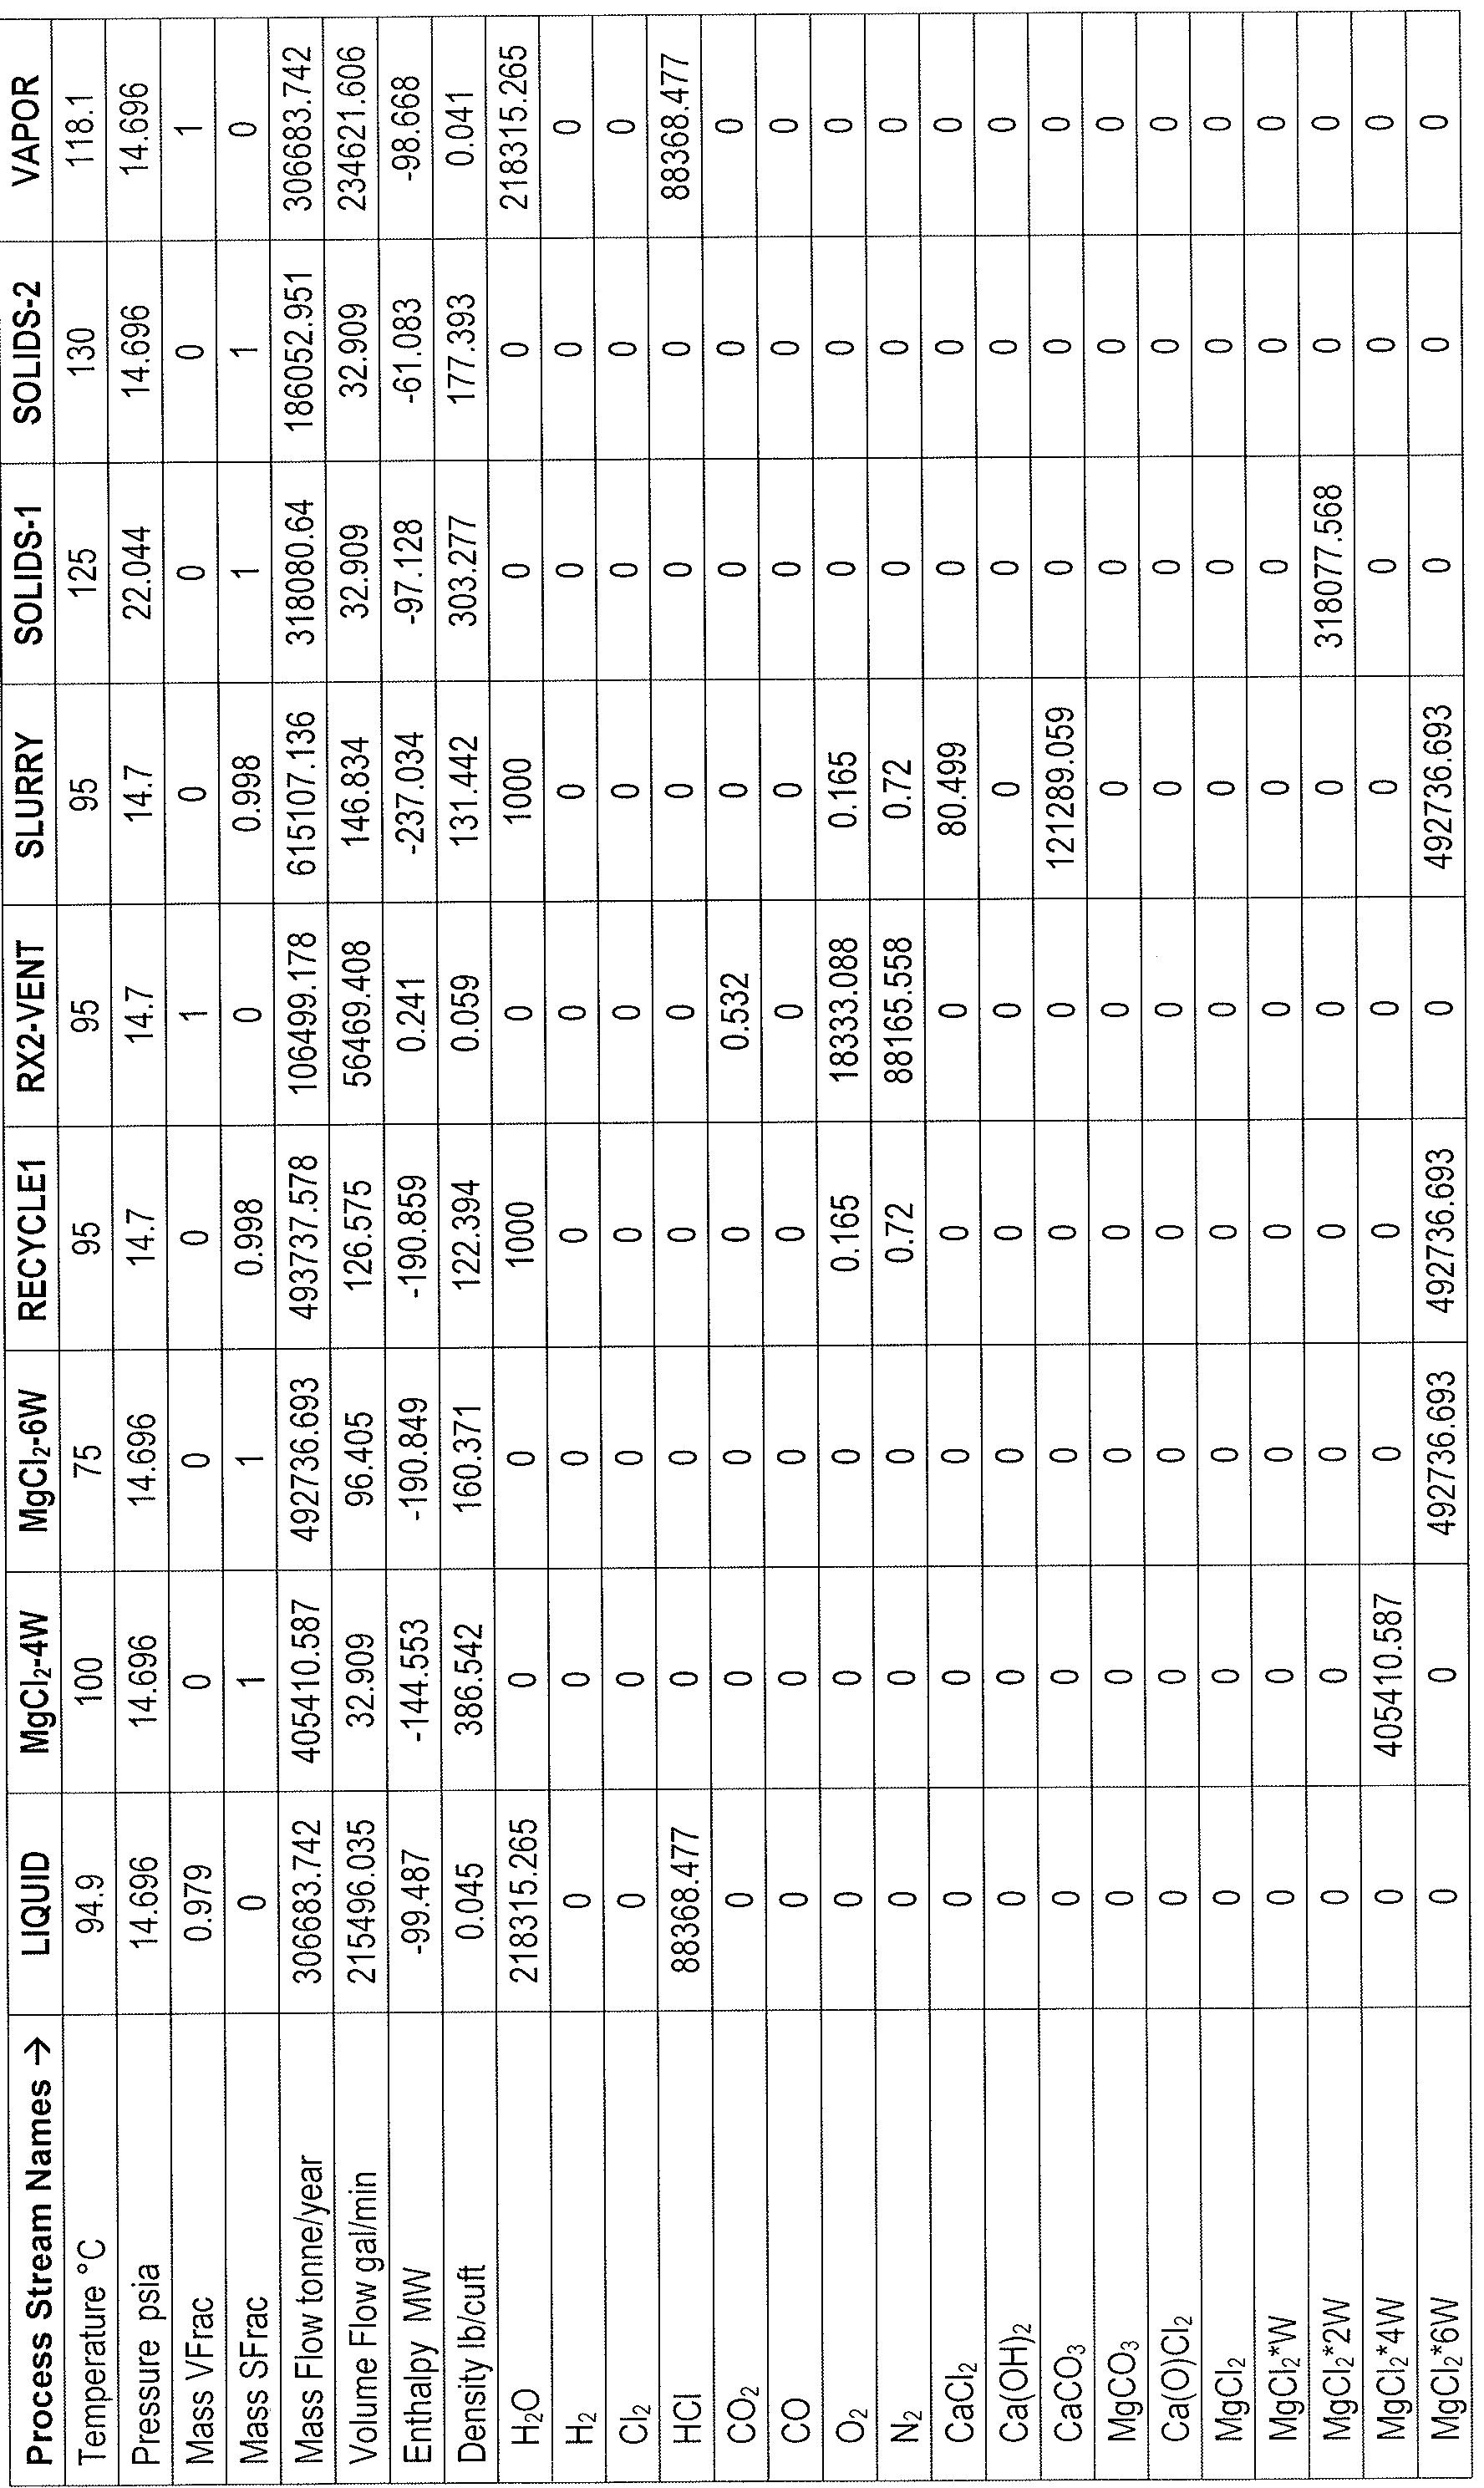 wo2012122496a1